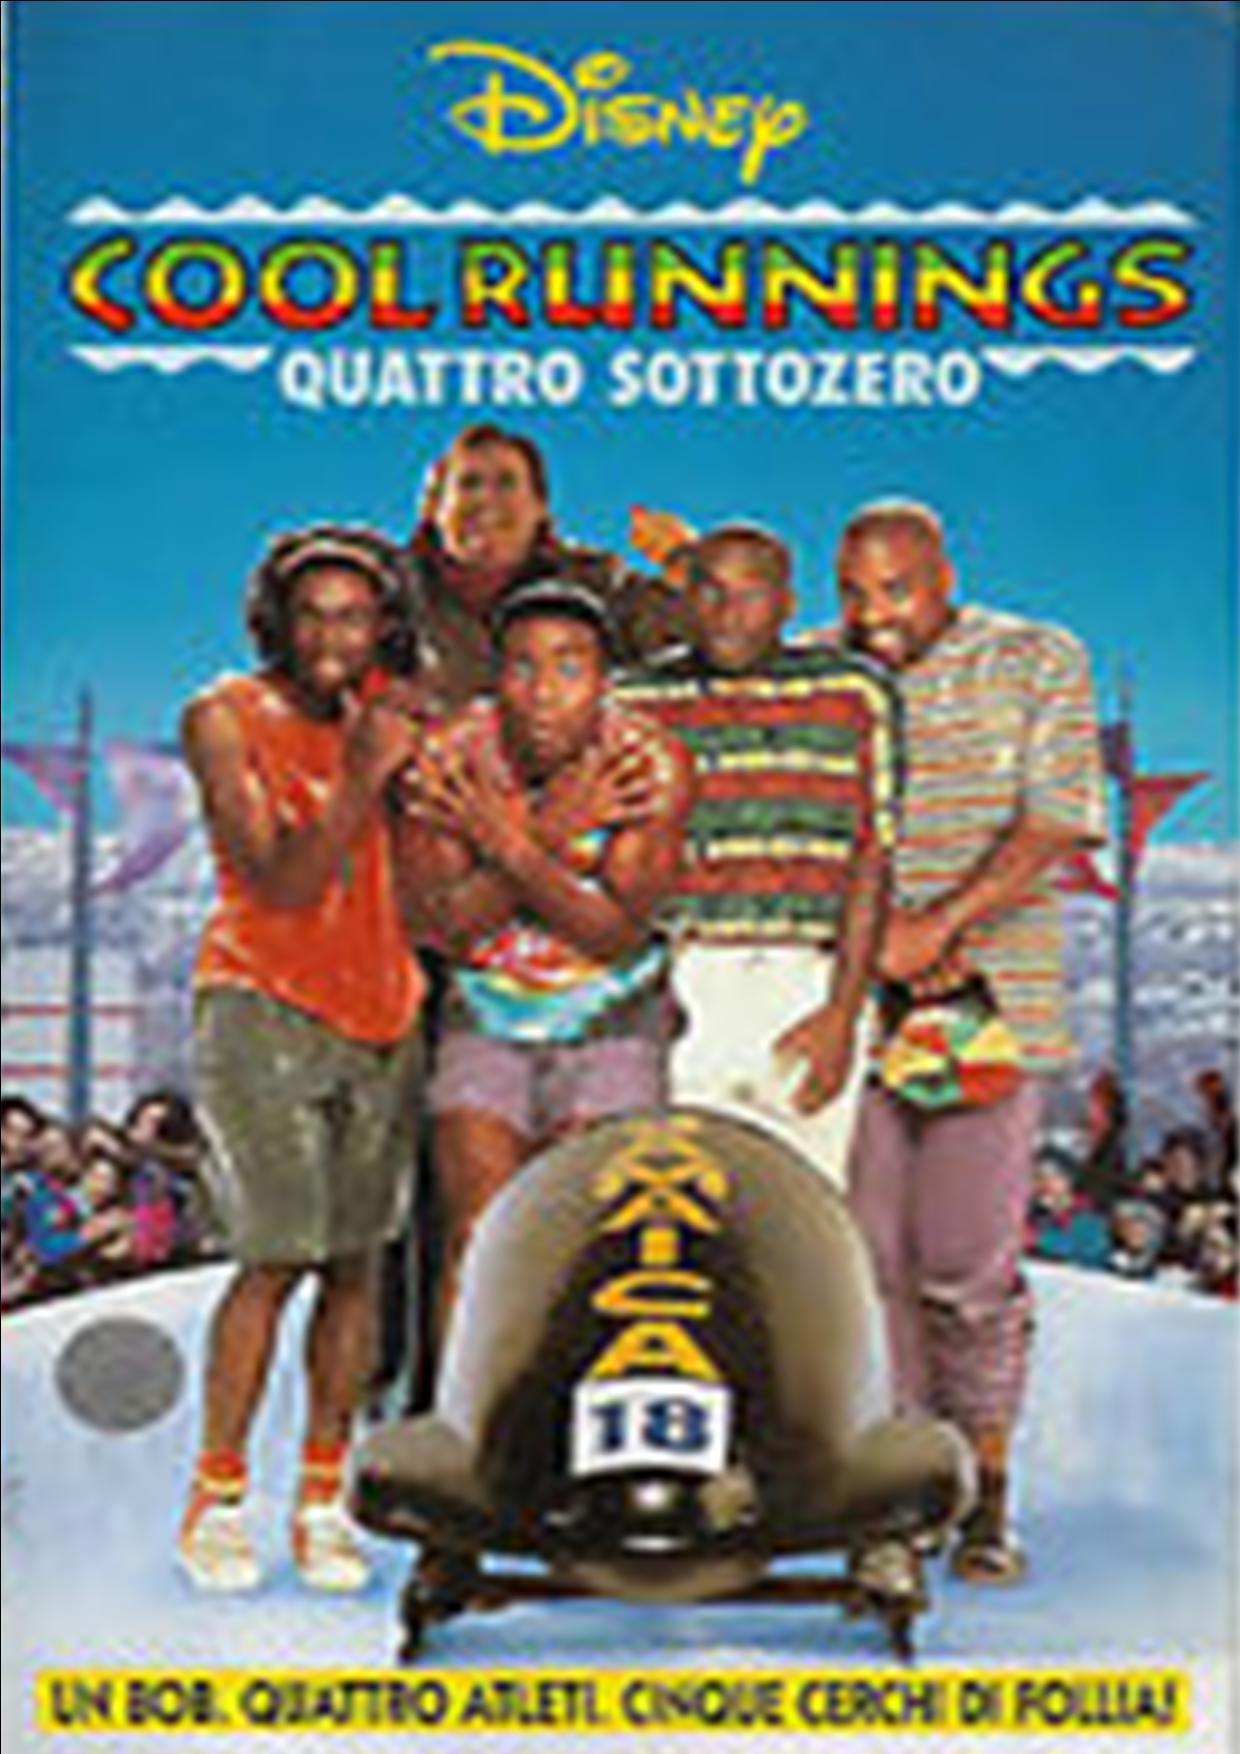 COOL RUNNINGS - QUATTRO SOTTOZERO (VHS USATA EX NOLEGGIO) (VHS)